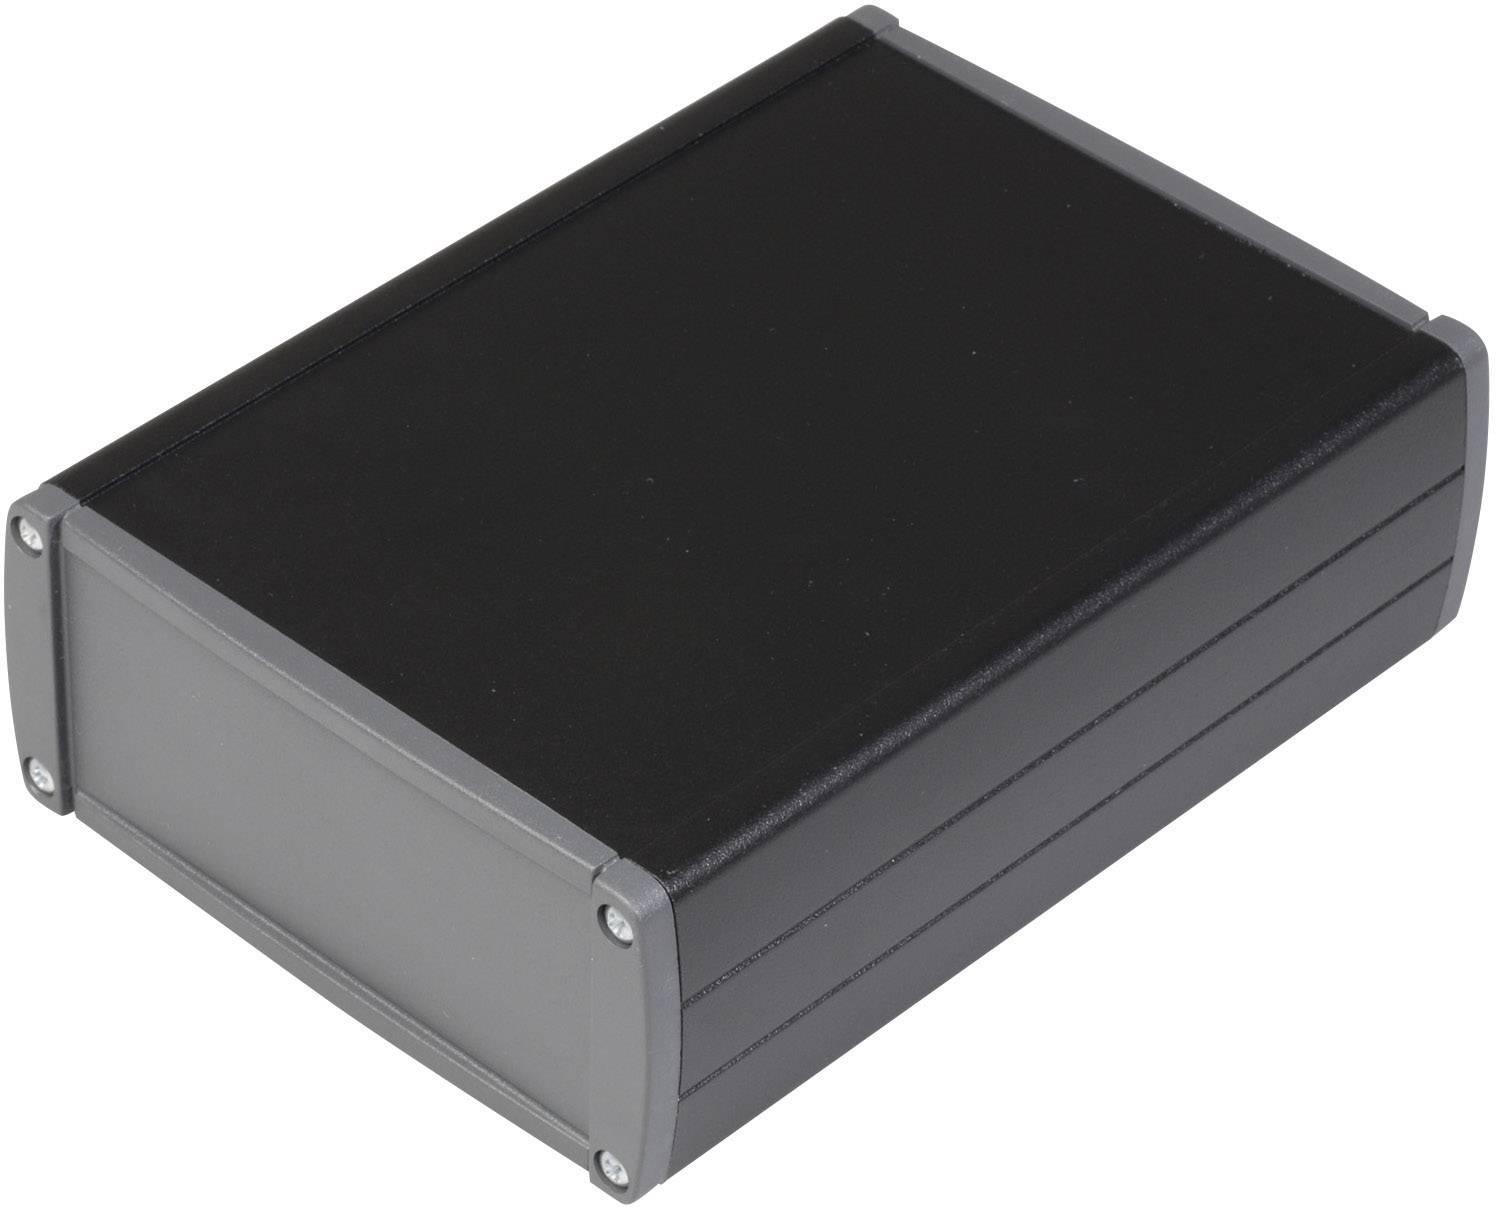 Univerzální pouzdro hliníkové TEKO TEKAL 32.29, (d x š x v) 145 x 105,9 x 41 mm, černá